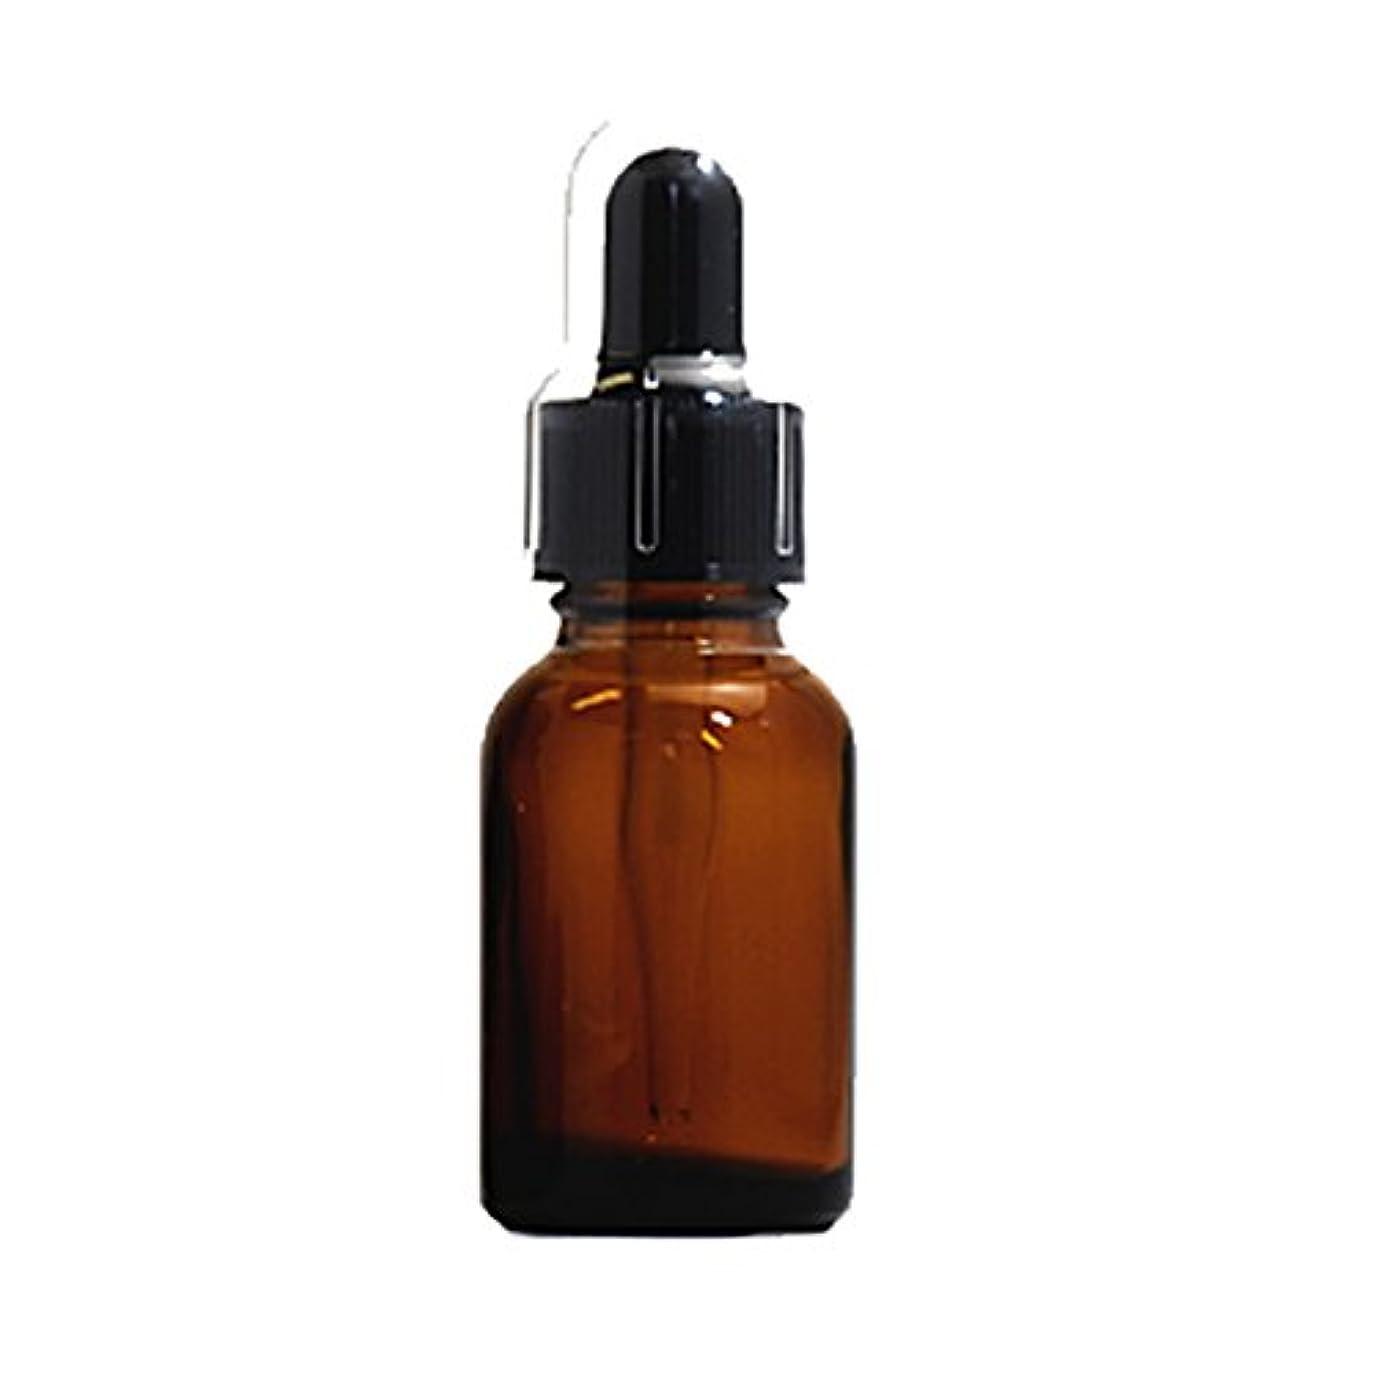 振る舞いカブ申し立てるスポイトキャップ付茶色遮光瓶20ml(黒/ガラススポイトキャップ付/オーバーキャップ付)